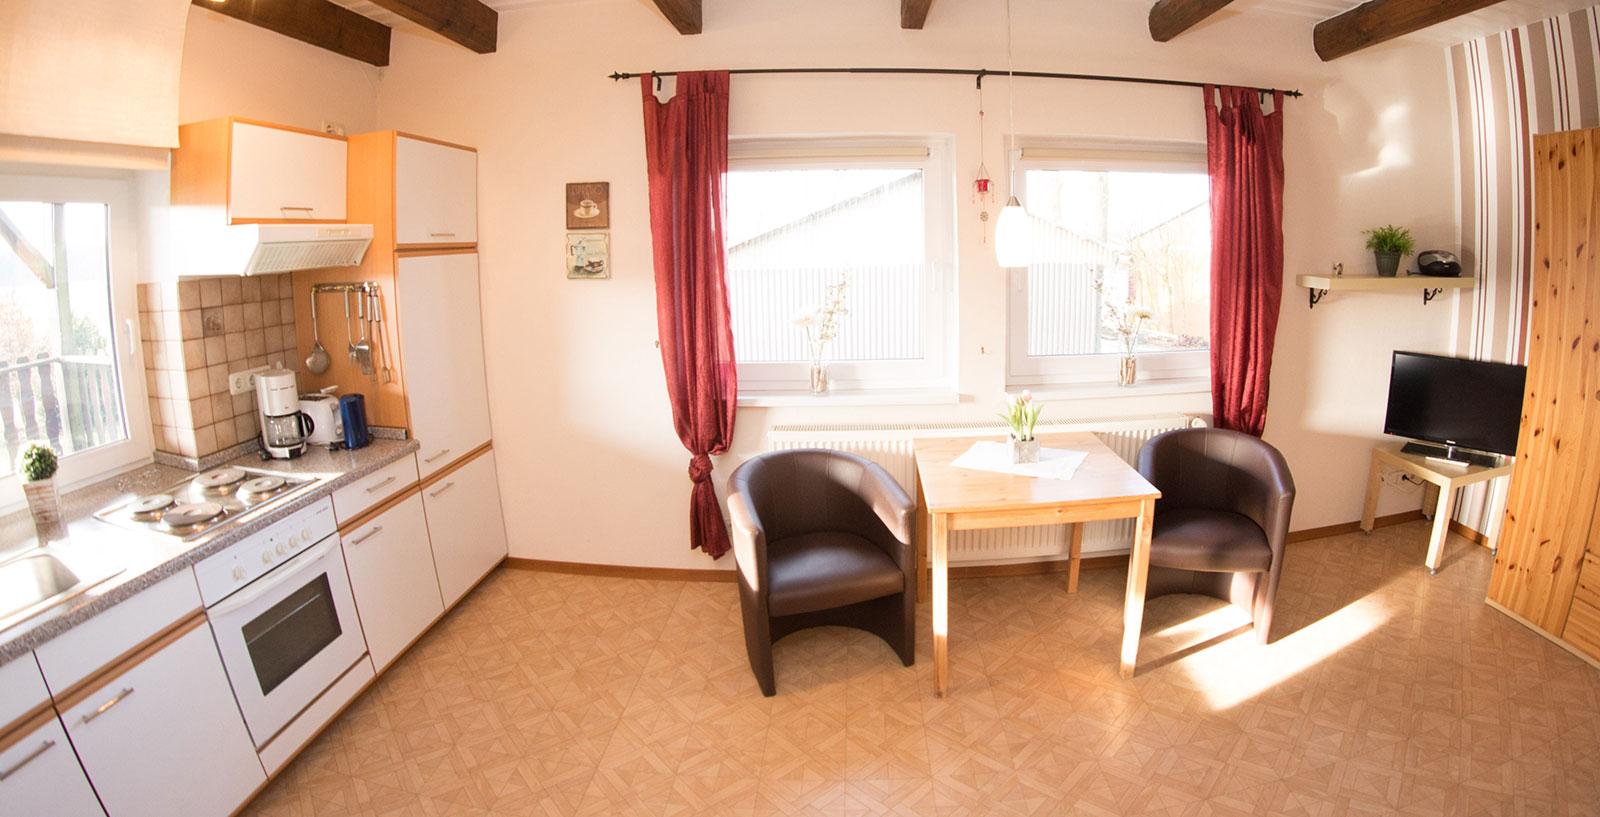 Ferienhof Pankalla Apartment 5